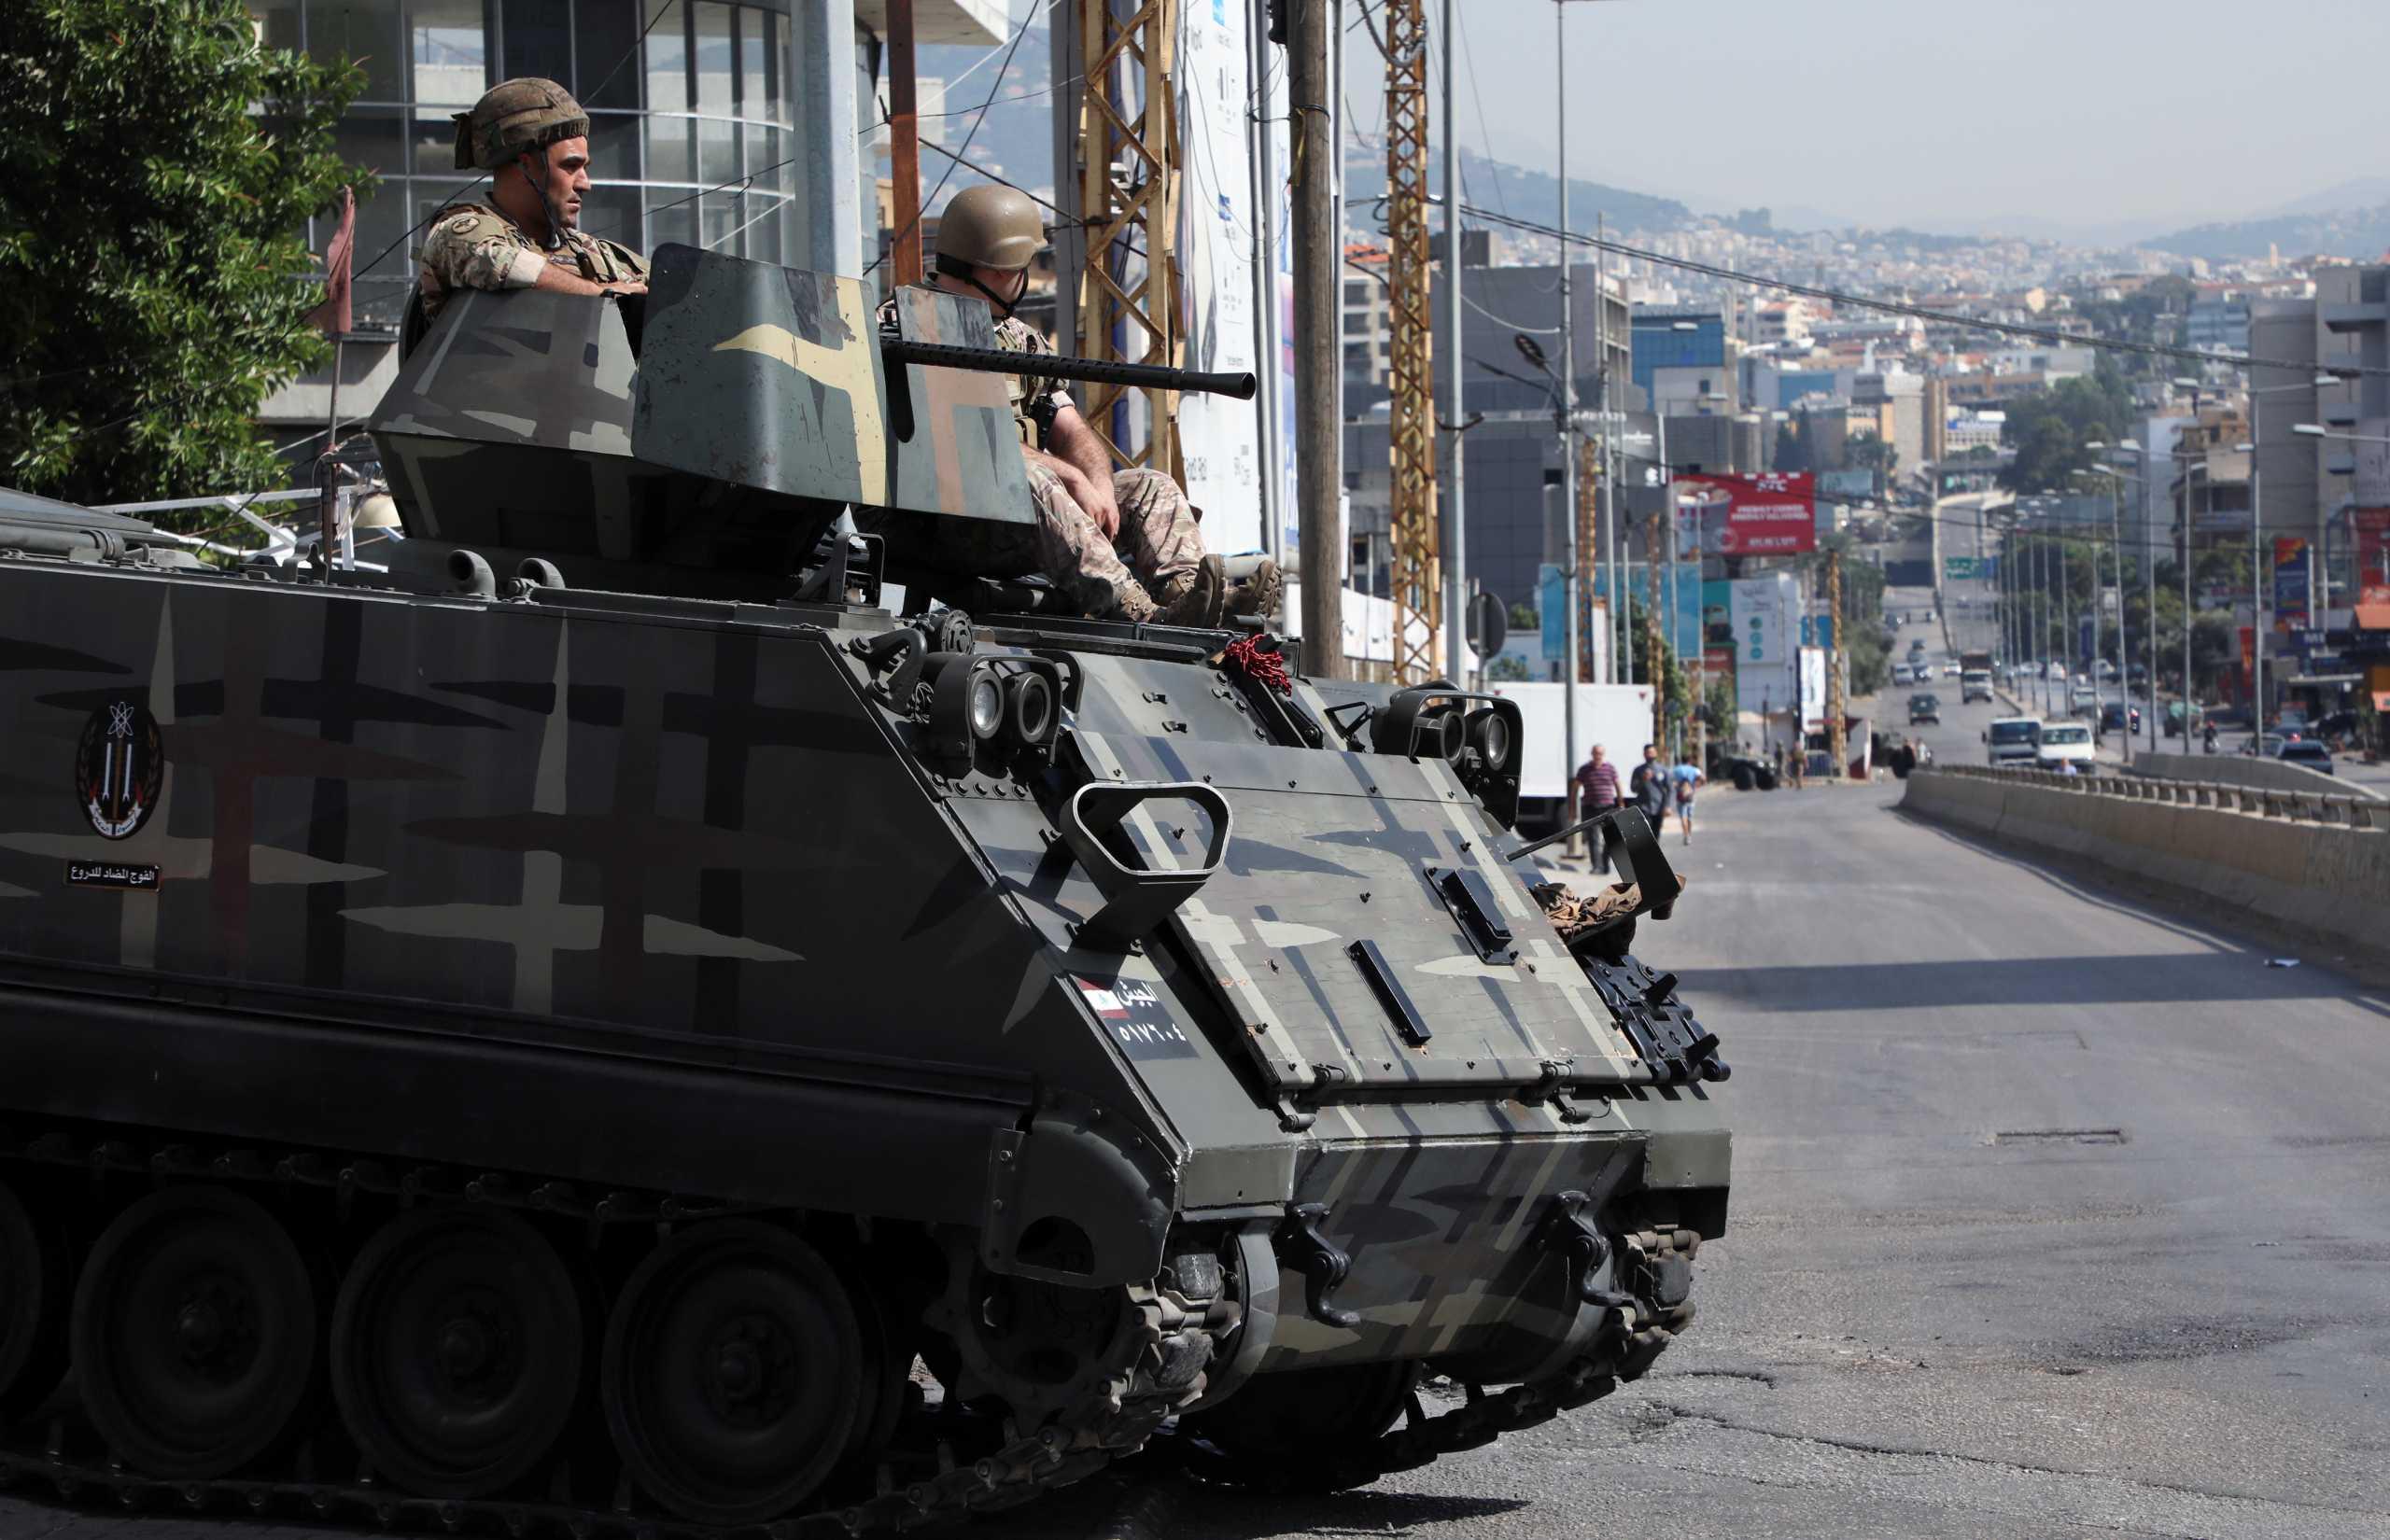 Λίβανος: Σκηνές εμφυλίου στη Βηρυτό - Συμπλοκές με νεκρούς μεταξύ Χεζμπολάχ και Αμάλ